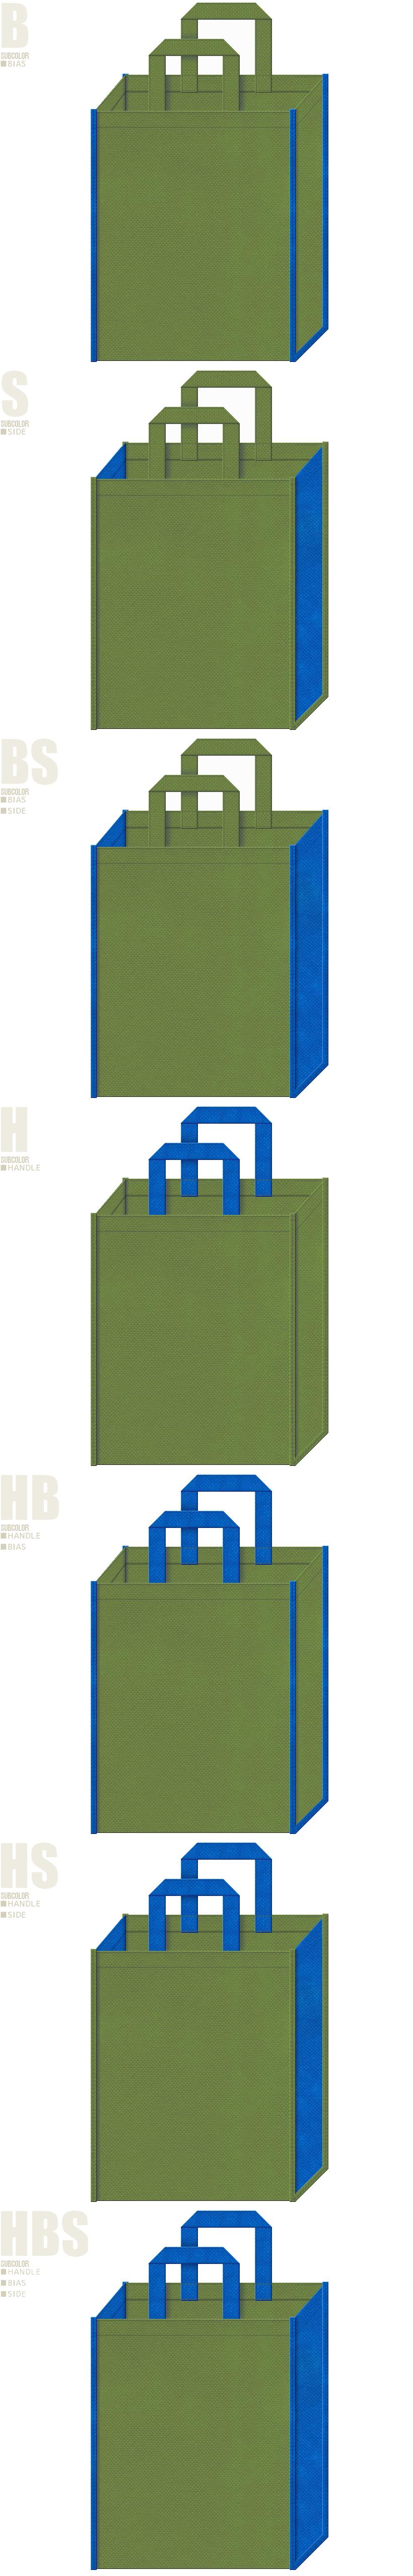 不織布バッグのデザイン:不織布メインカラーNo.34+サブカラーNo.の2色7パターン